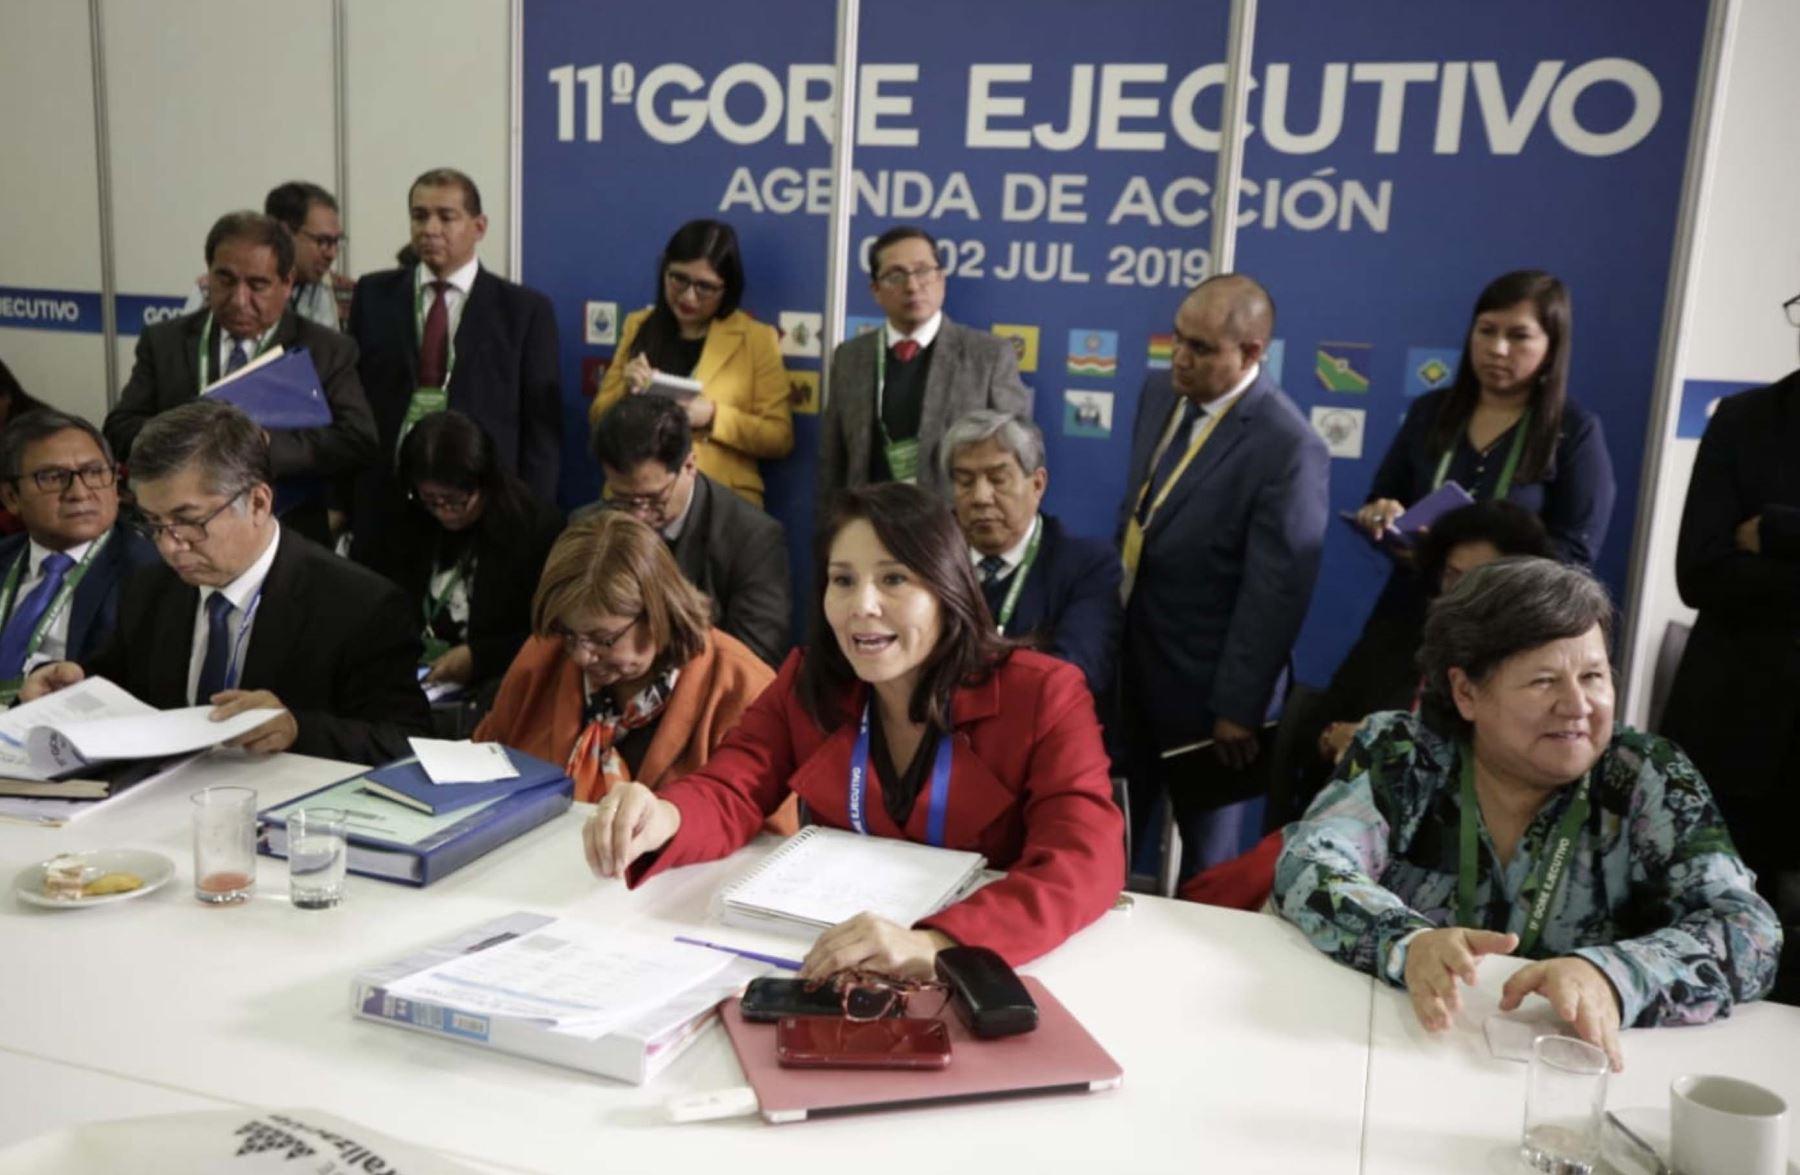 Ministra de Inclusión Social, Paola Bustamante  participa  en el 11º Gore Ejecutivo en la Fortaleza Real Felipe del Callao.  Foto:ANDINA/PCM